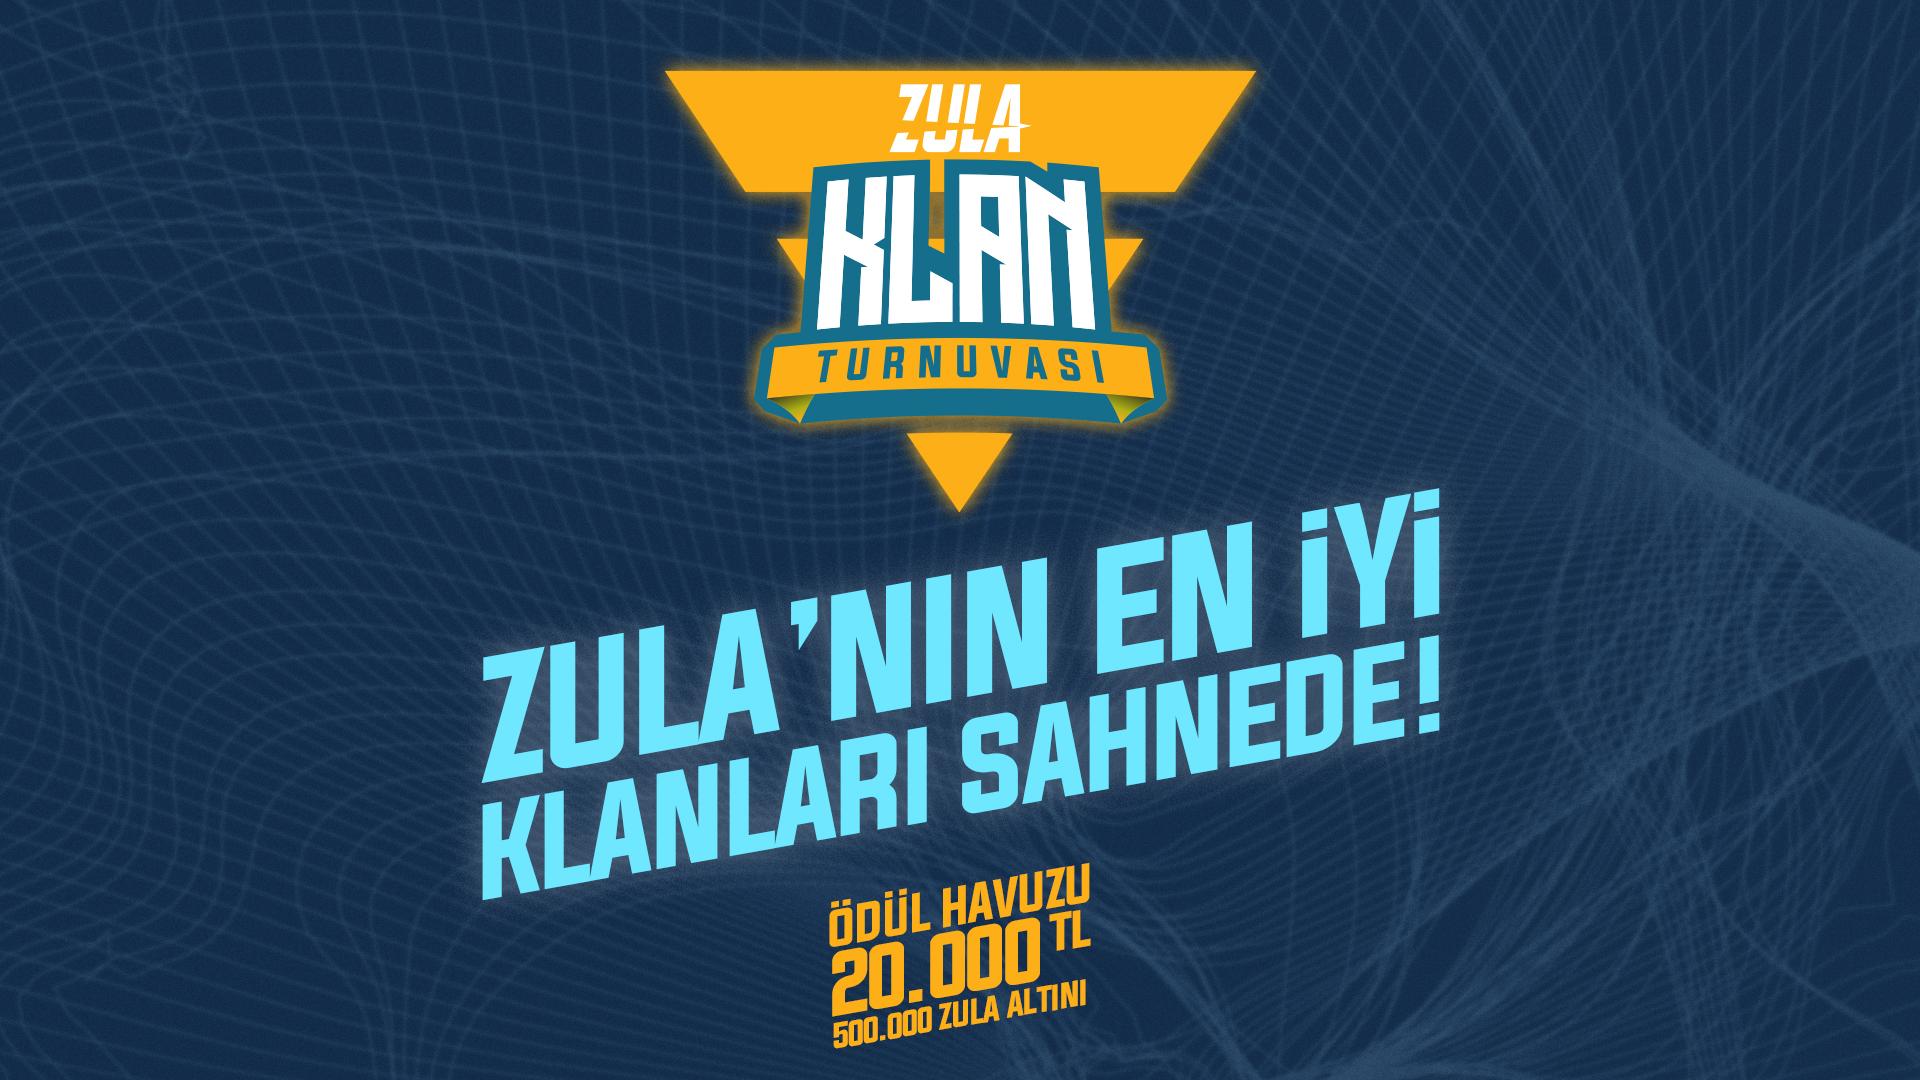 zula klan turnuvası